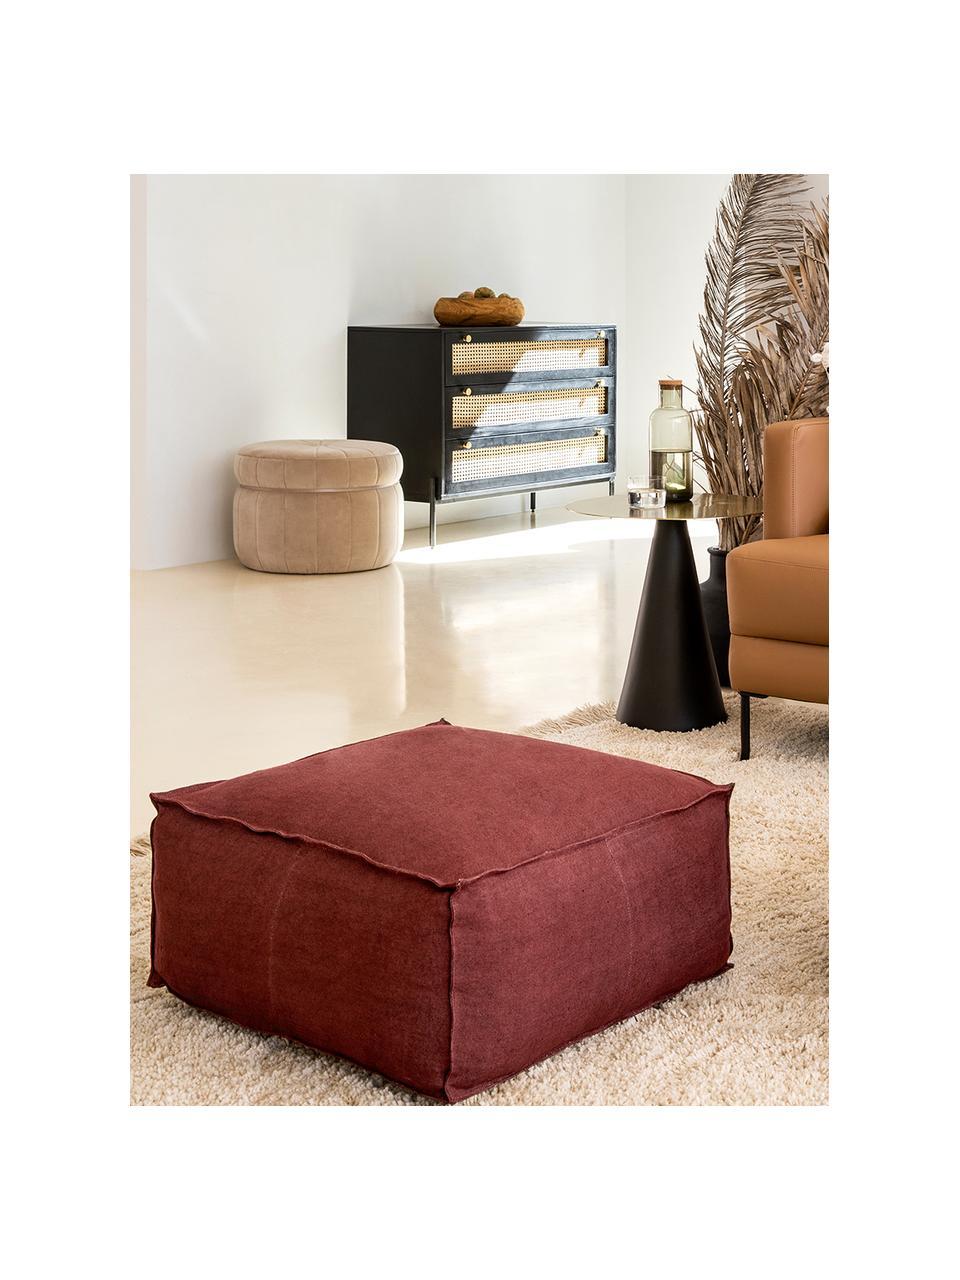 Handgemaakt vloerkussen Saffron, Bekleding: 100% linnen, Onderzijde: katoen, Roodbruin, 50 x 25 cm